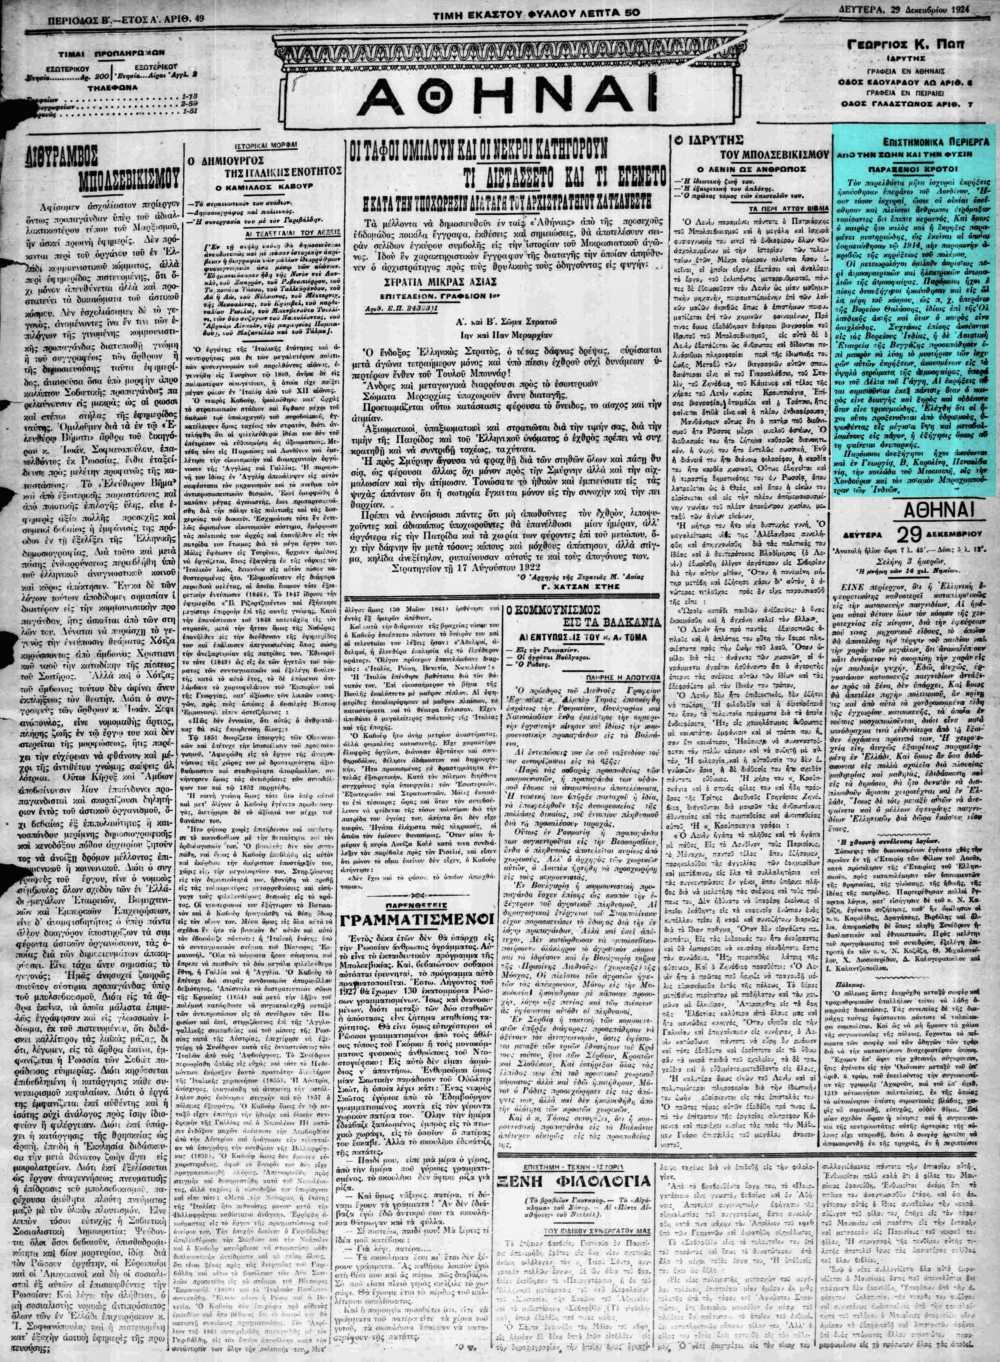 """Το άρθρο, όπως δημοσιεύθηκε στην εφημερίδα """"ΑΘΗΝΑΙ"""", στις 29/12/1924"""